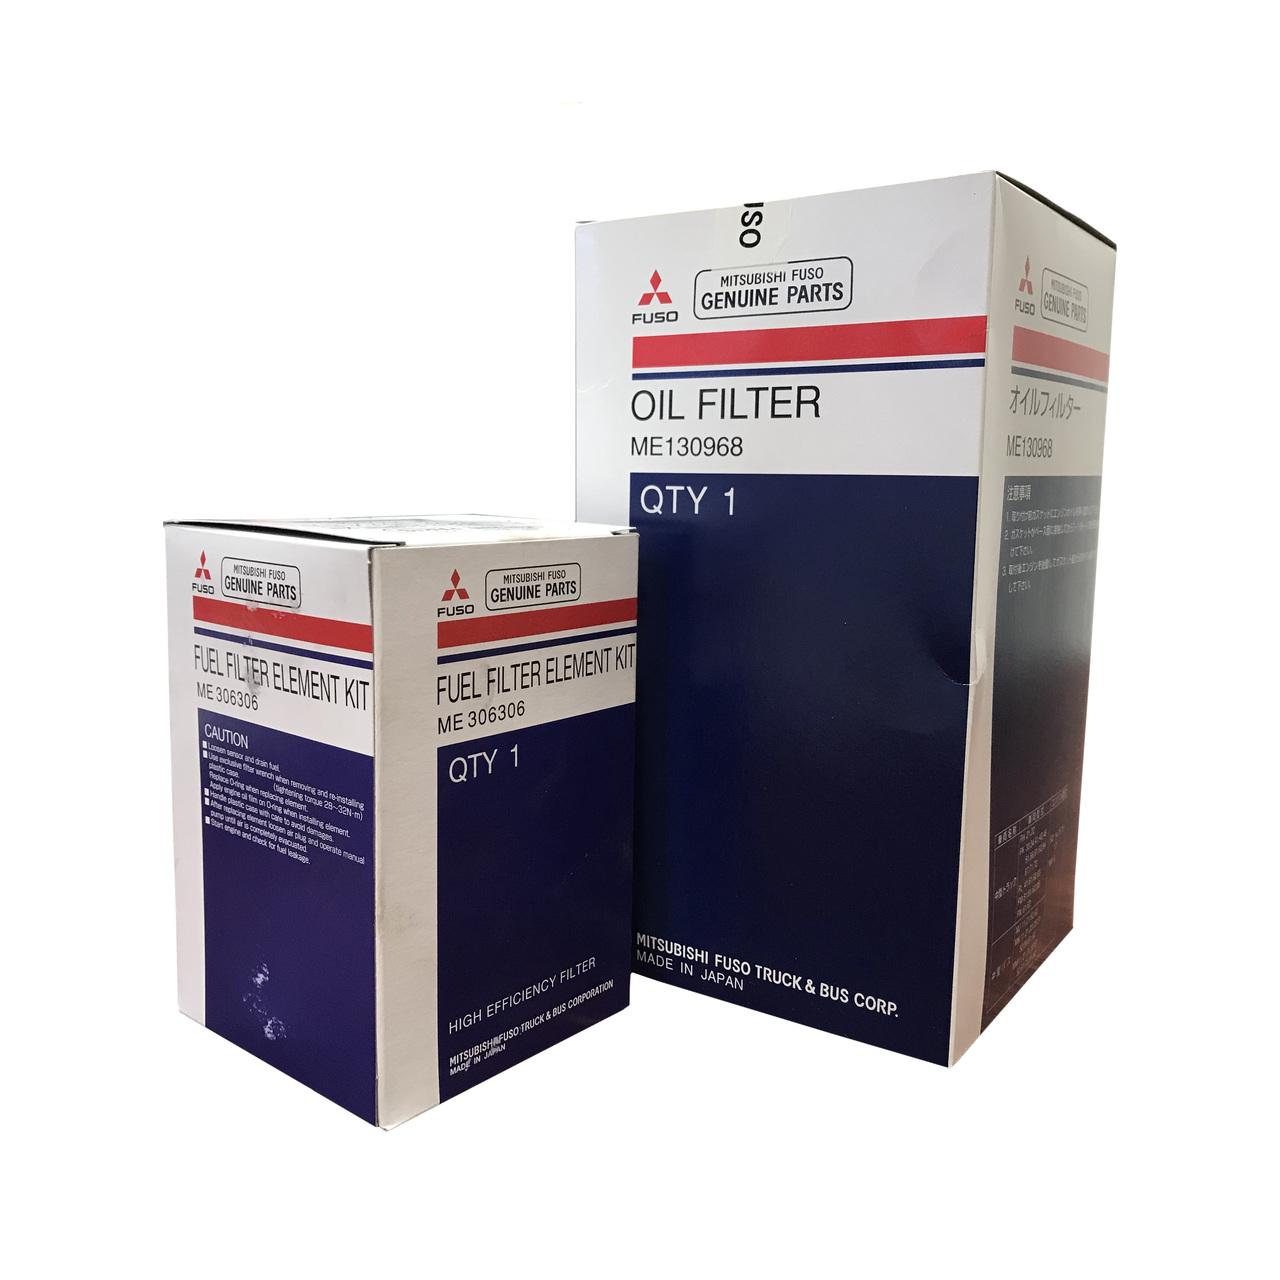 freightliner truck fuel filter [ 1280 x 1280 Pixel ]